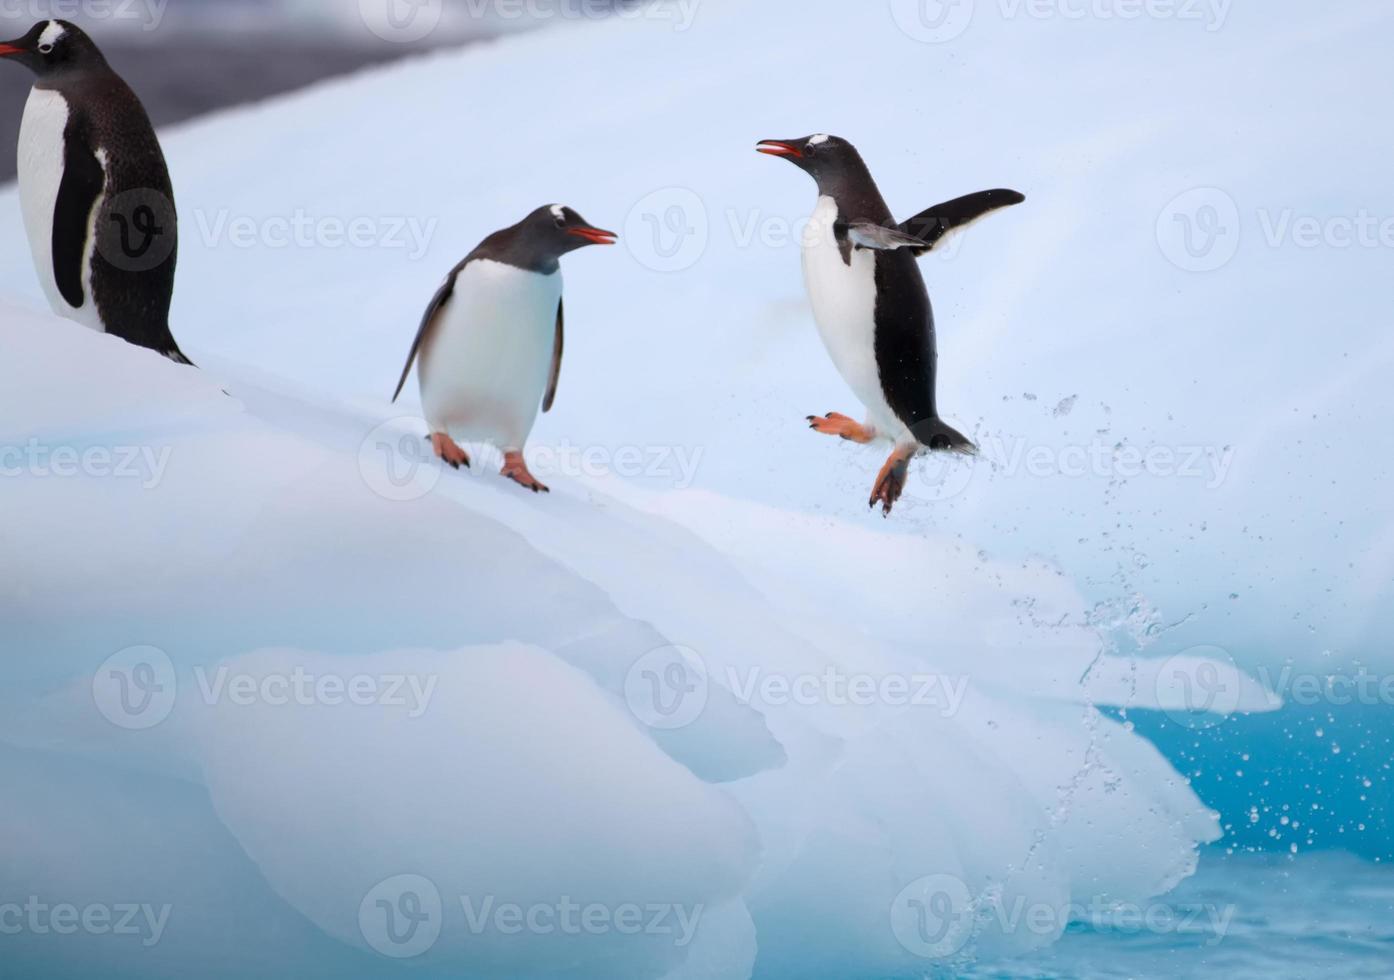 hoppande gentoo-pingviner på isberg foto